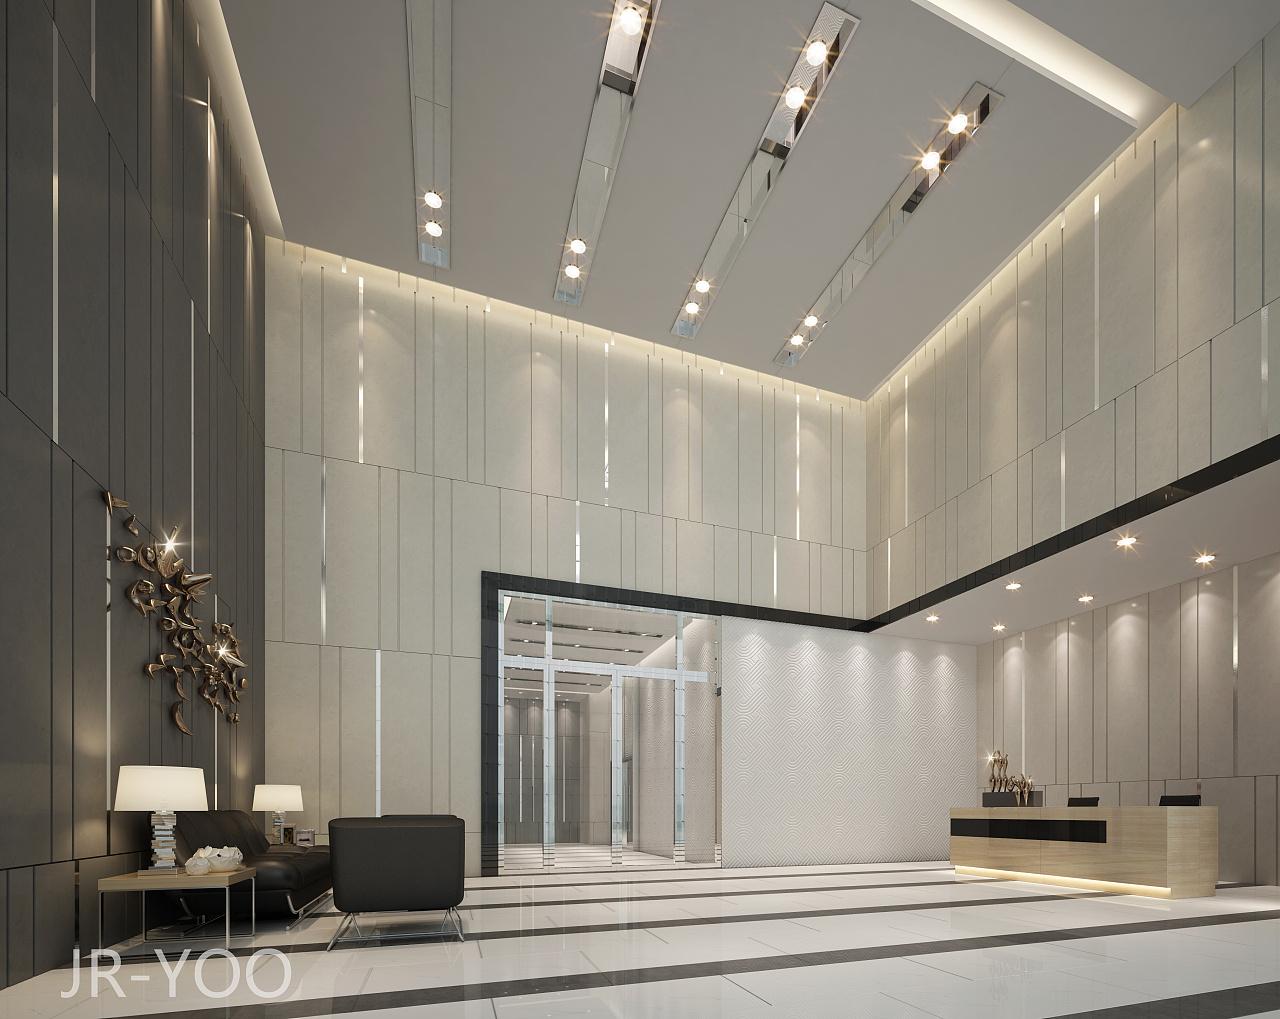 中国联通办公大楼室内设计方案|空间|室内设计|jryoo图片